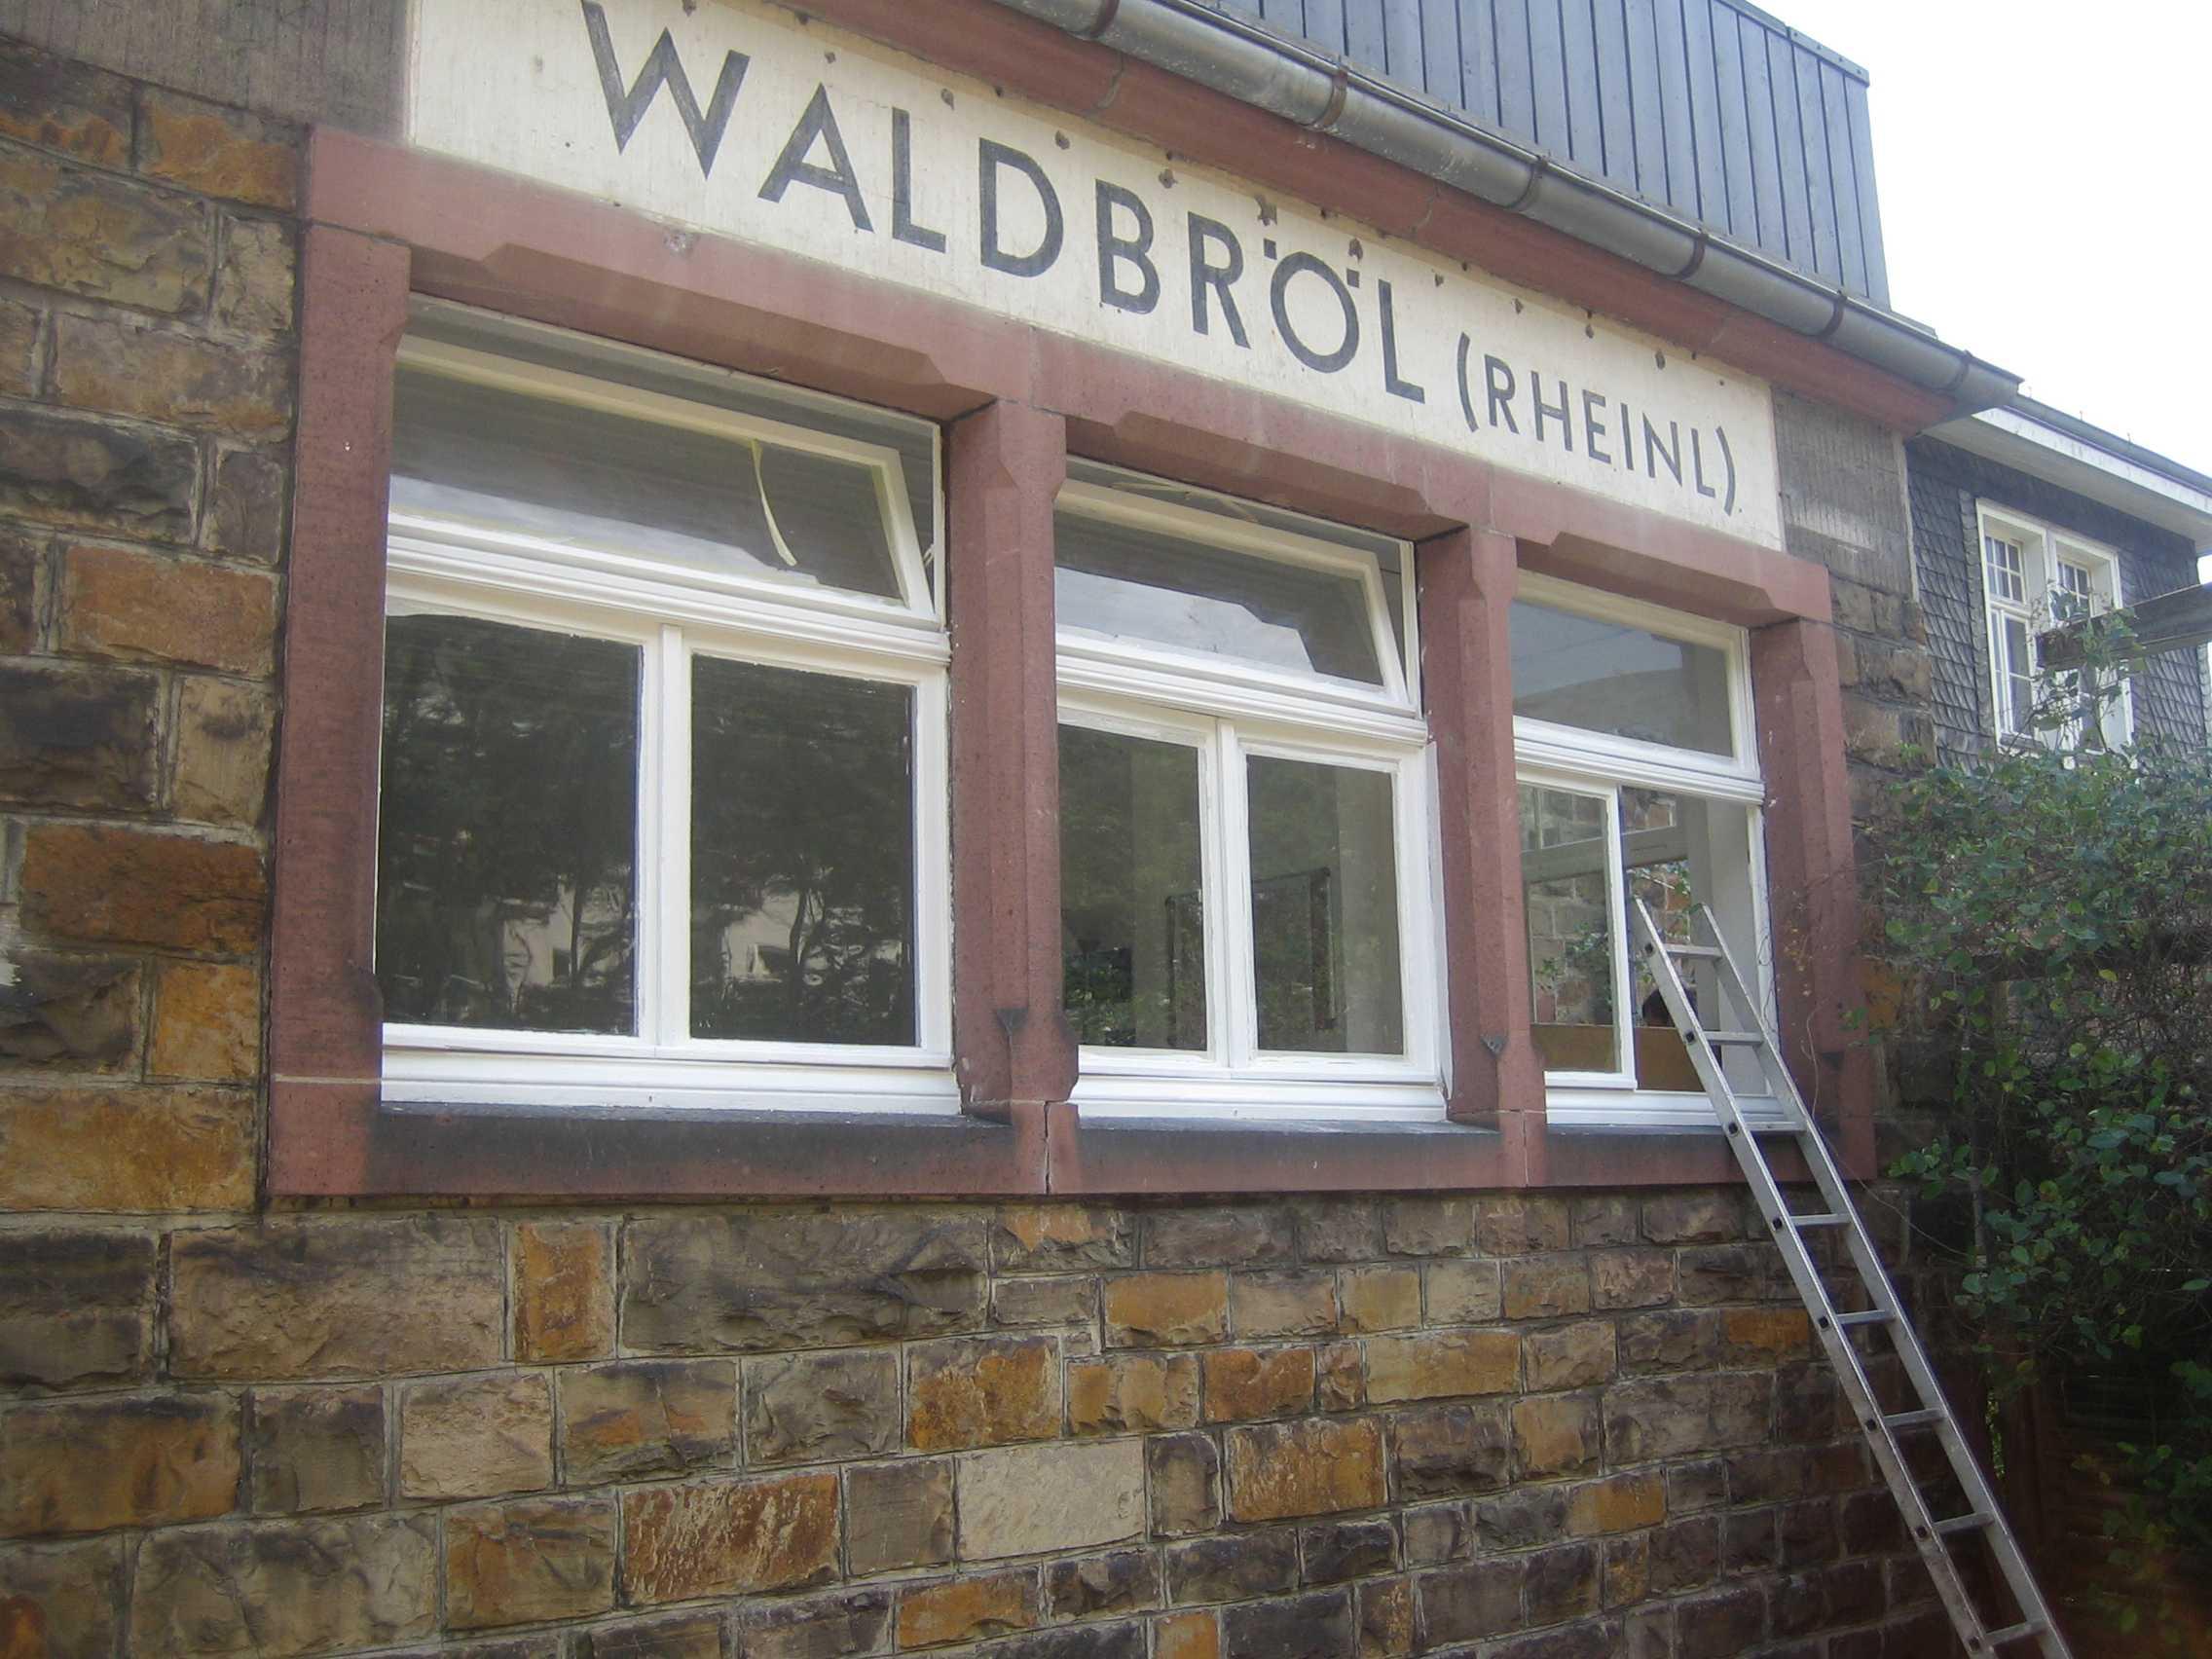 Ehrenamtliche Helfer am Waldbröler Bahnhof. Foto: Jürgen Seinsche Der Waldbröler Bahnhof. Foto: Jürgen Seinsche